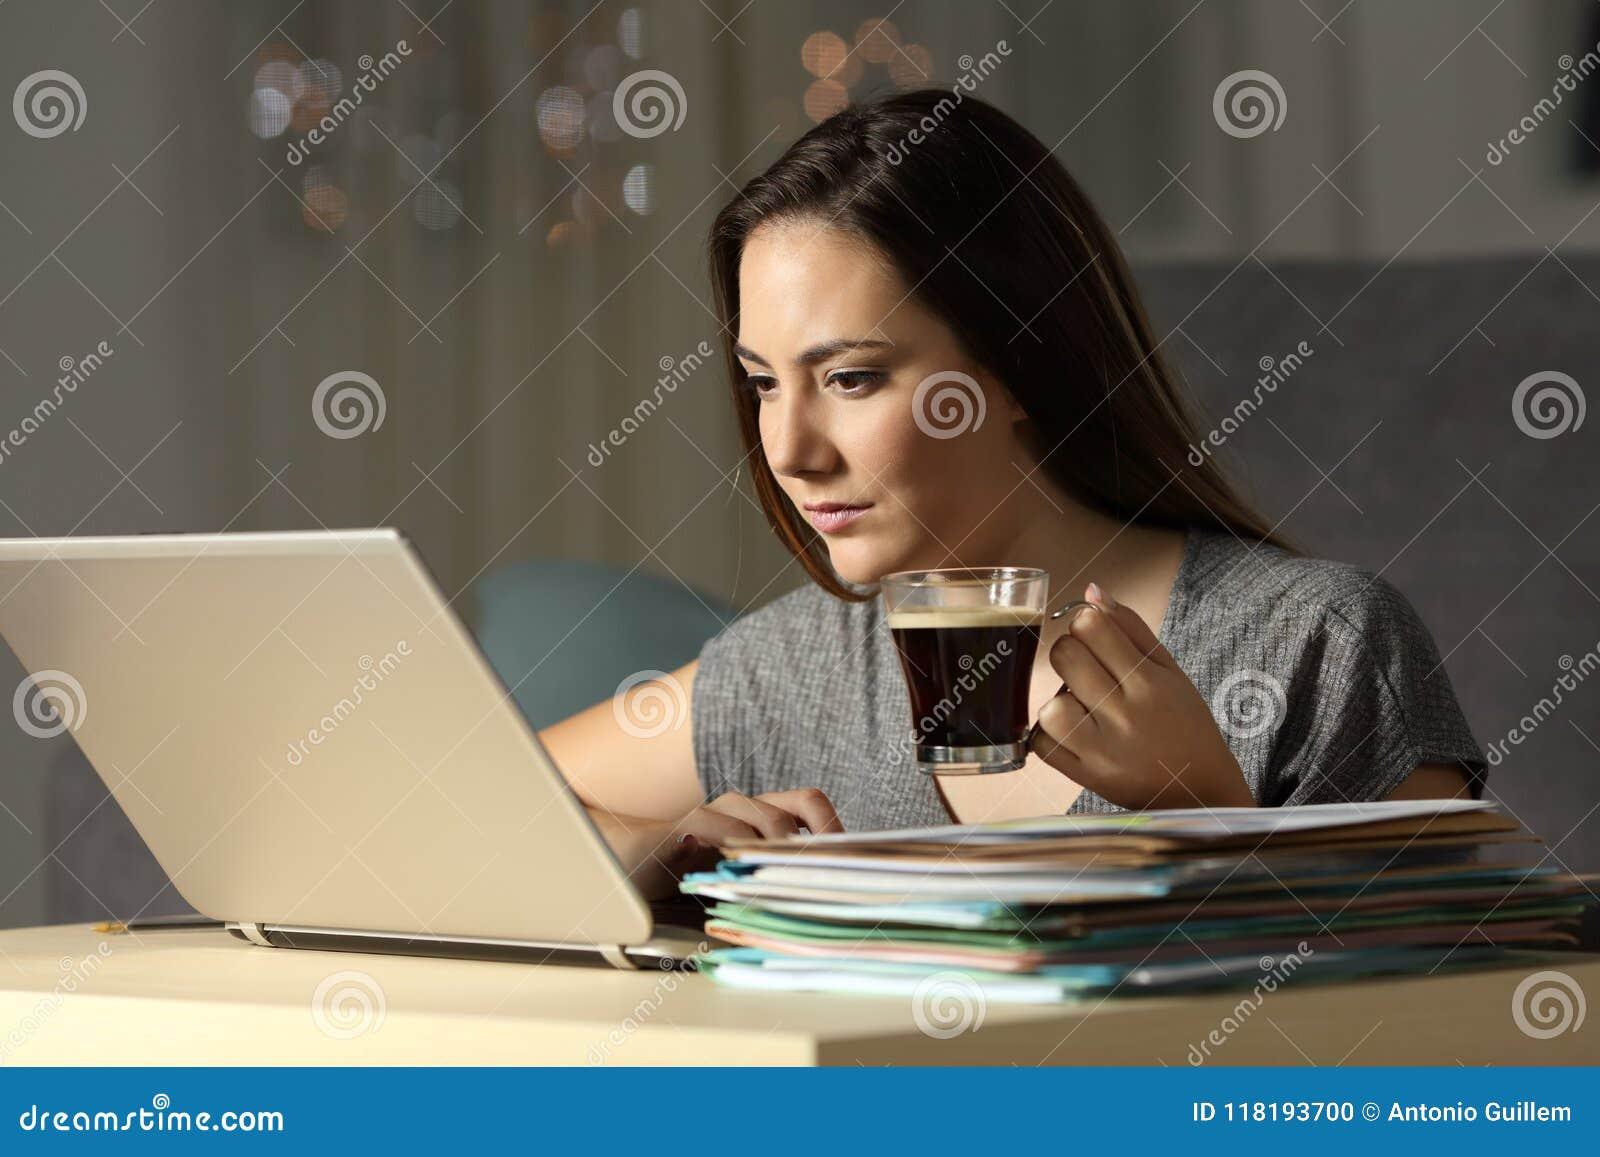 Samozatrudniający się pracujące opóźnione godziny trzyma kawowego kubek